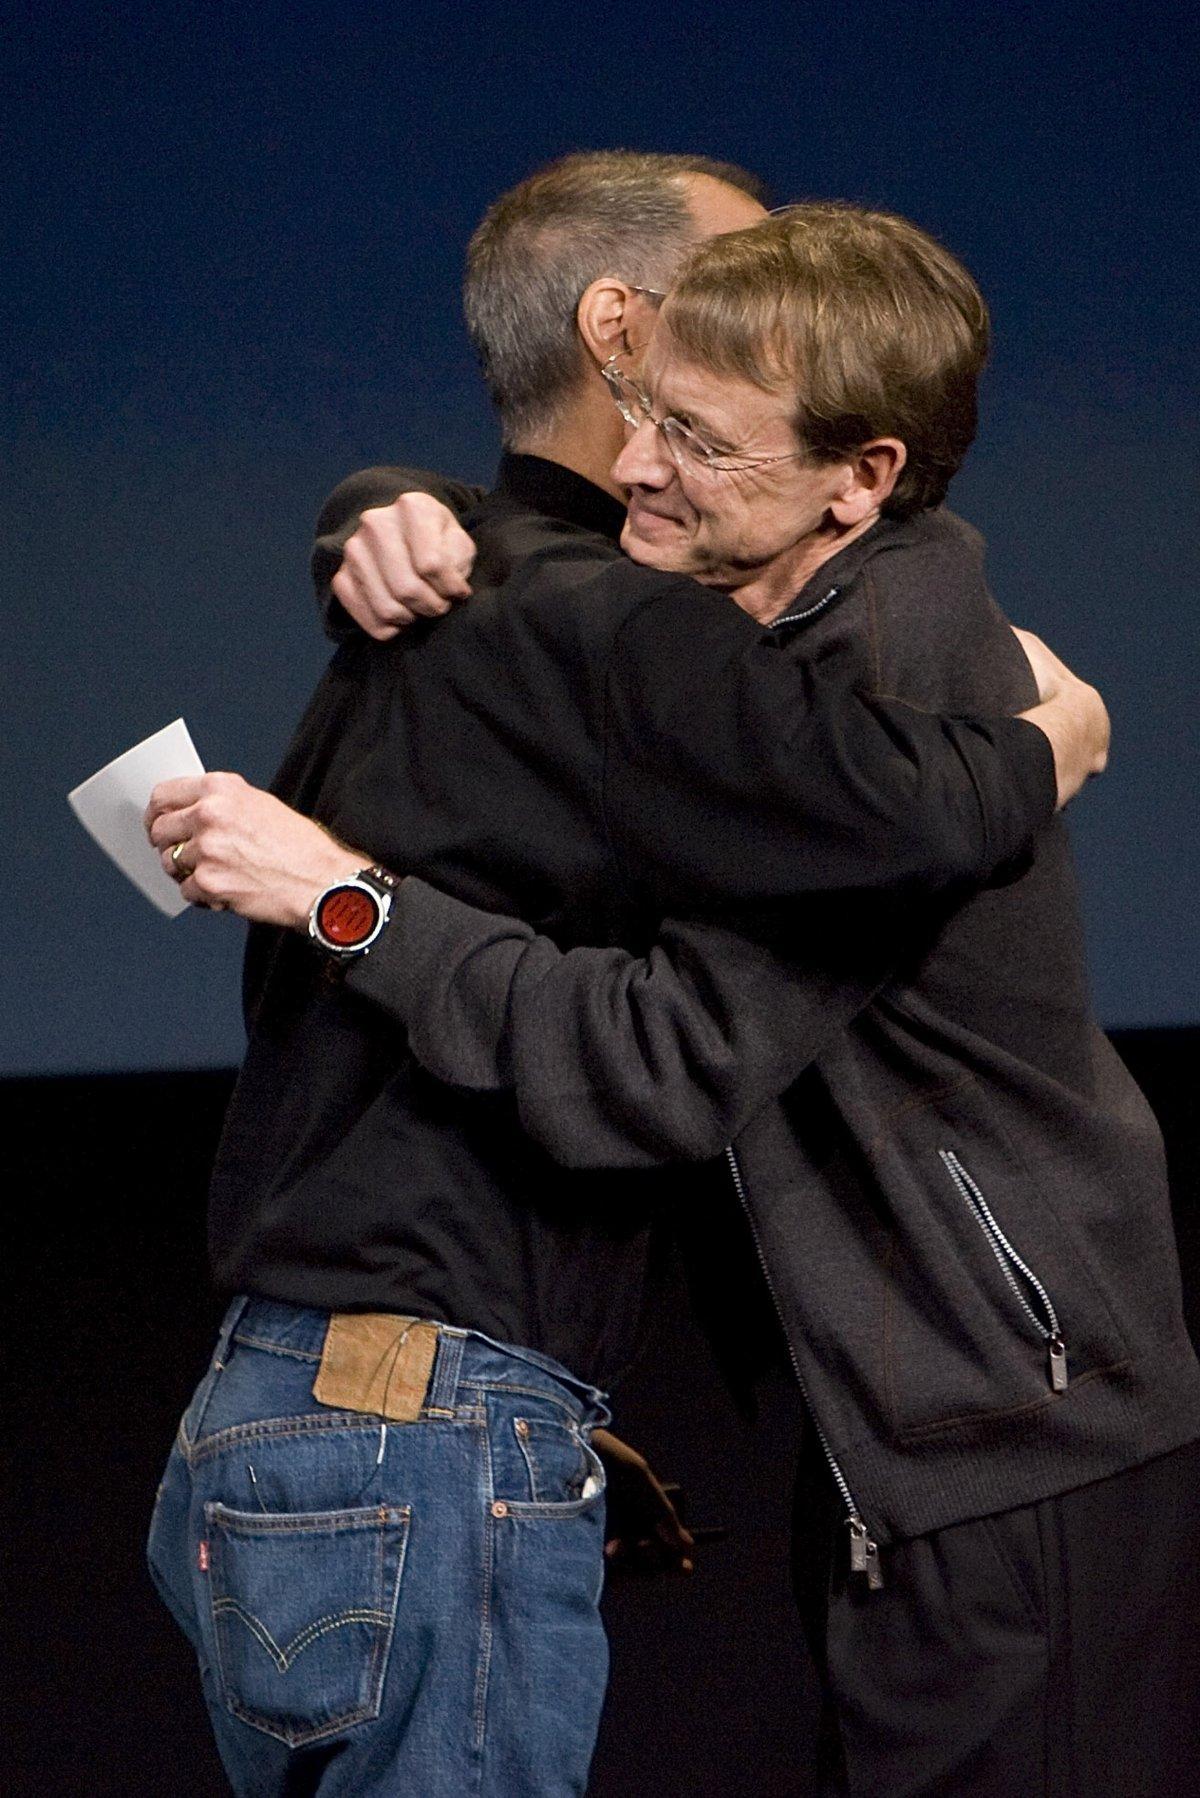 Batmak Üzere Olan Şirketi Dünyanın Hakimi Haline Getiren Bir Deha: Ölümünün 6. Yılında Steve Jobs 89